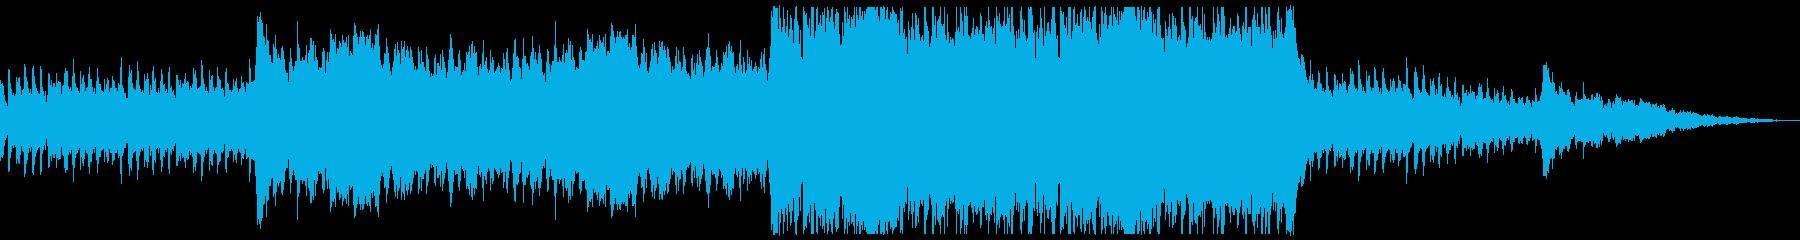 疑惑が重なりより深く重くなるような曲の再生済みの波形